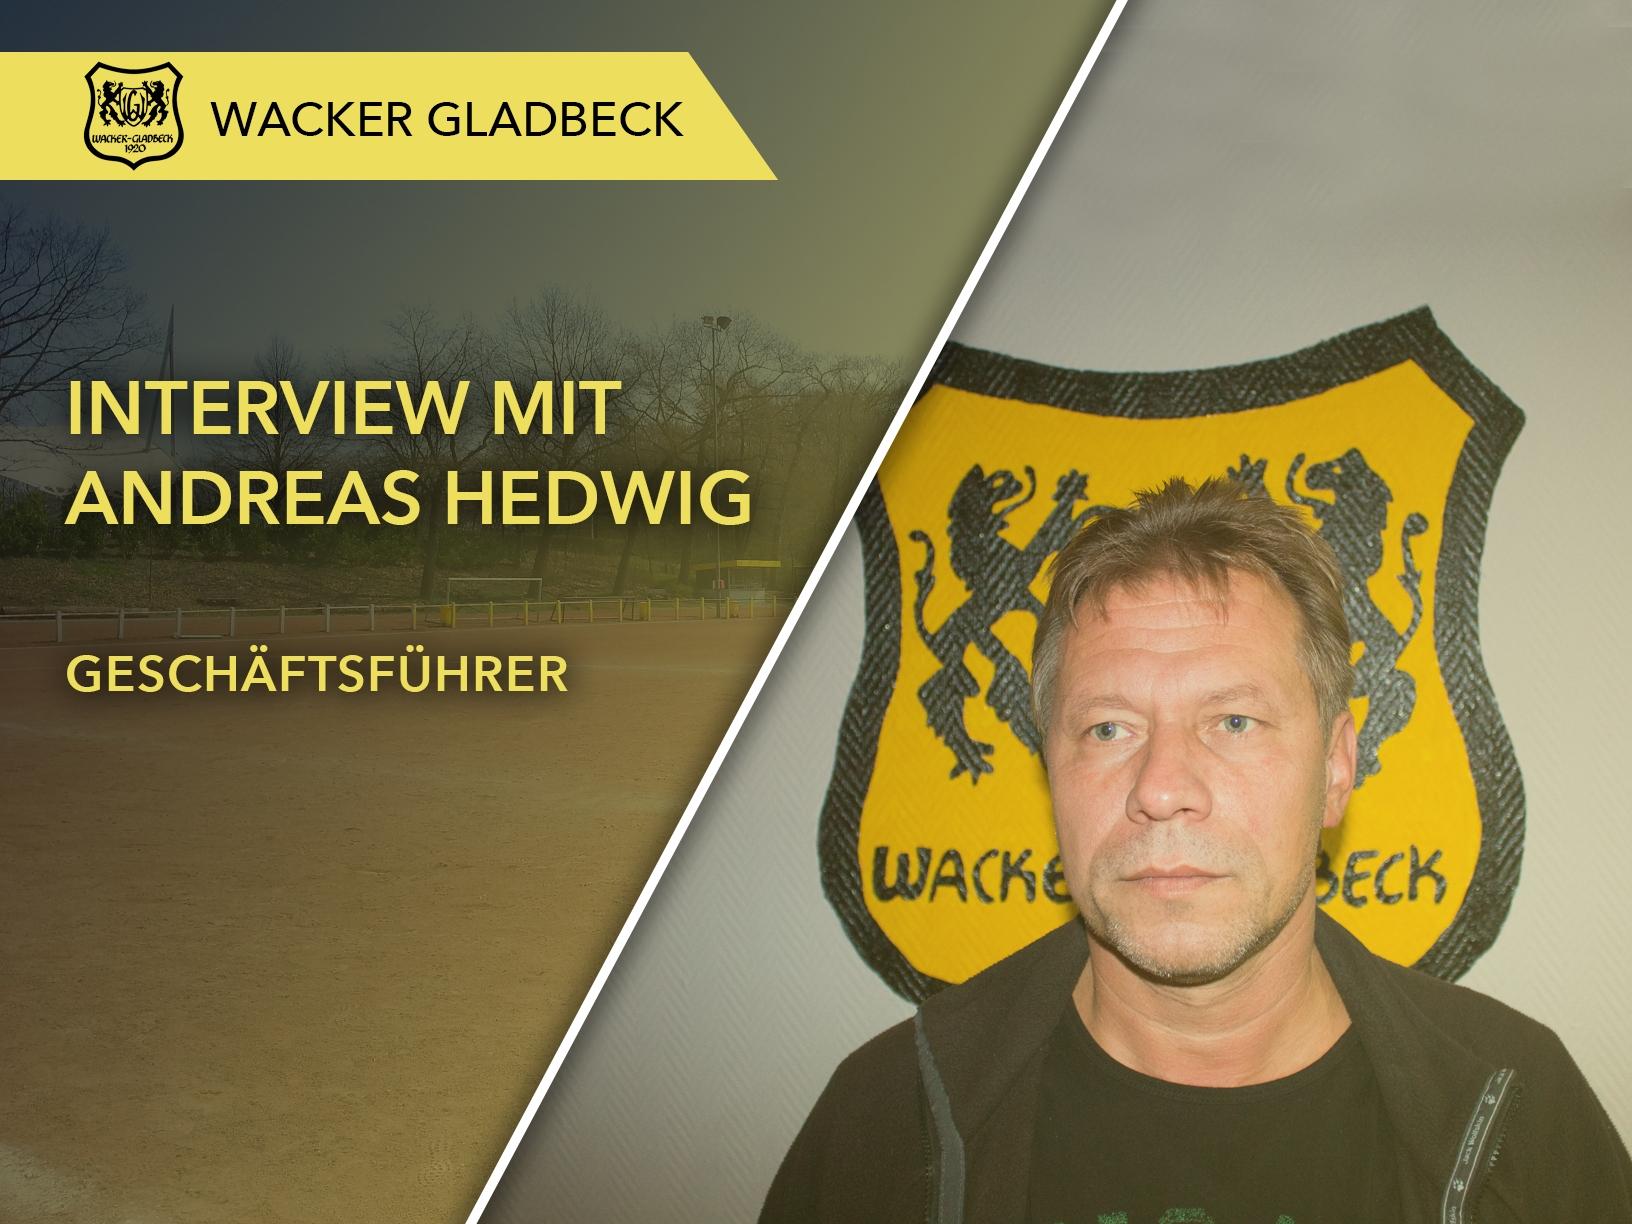 Wacker Gladbeck - Interview mit Geschäftsführer Andreas Hedwig